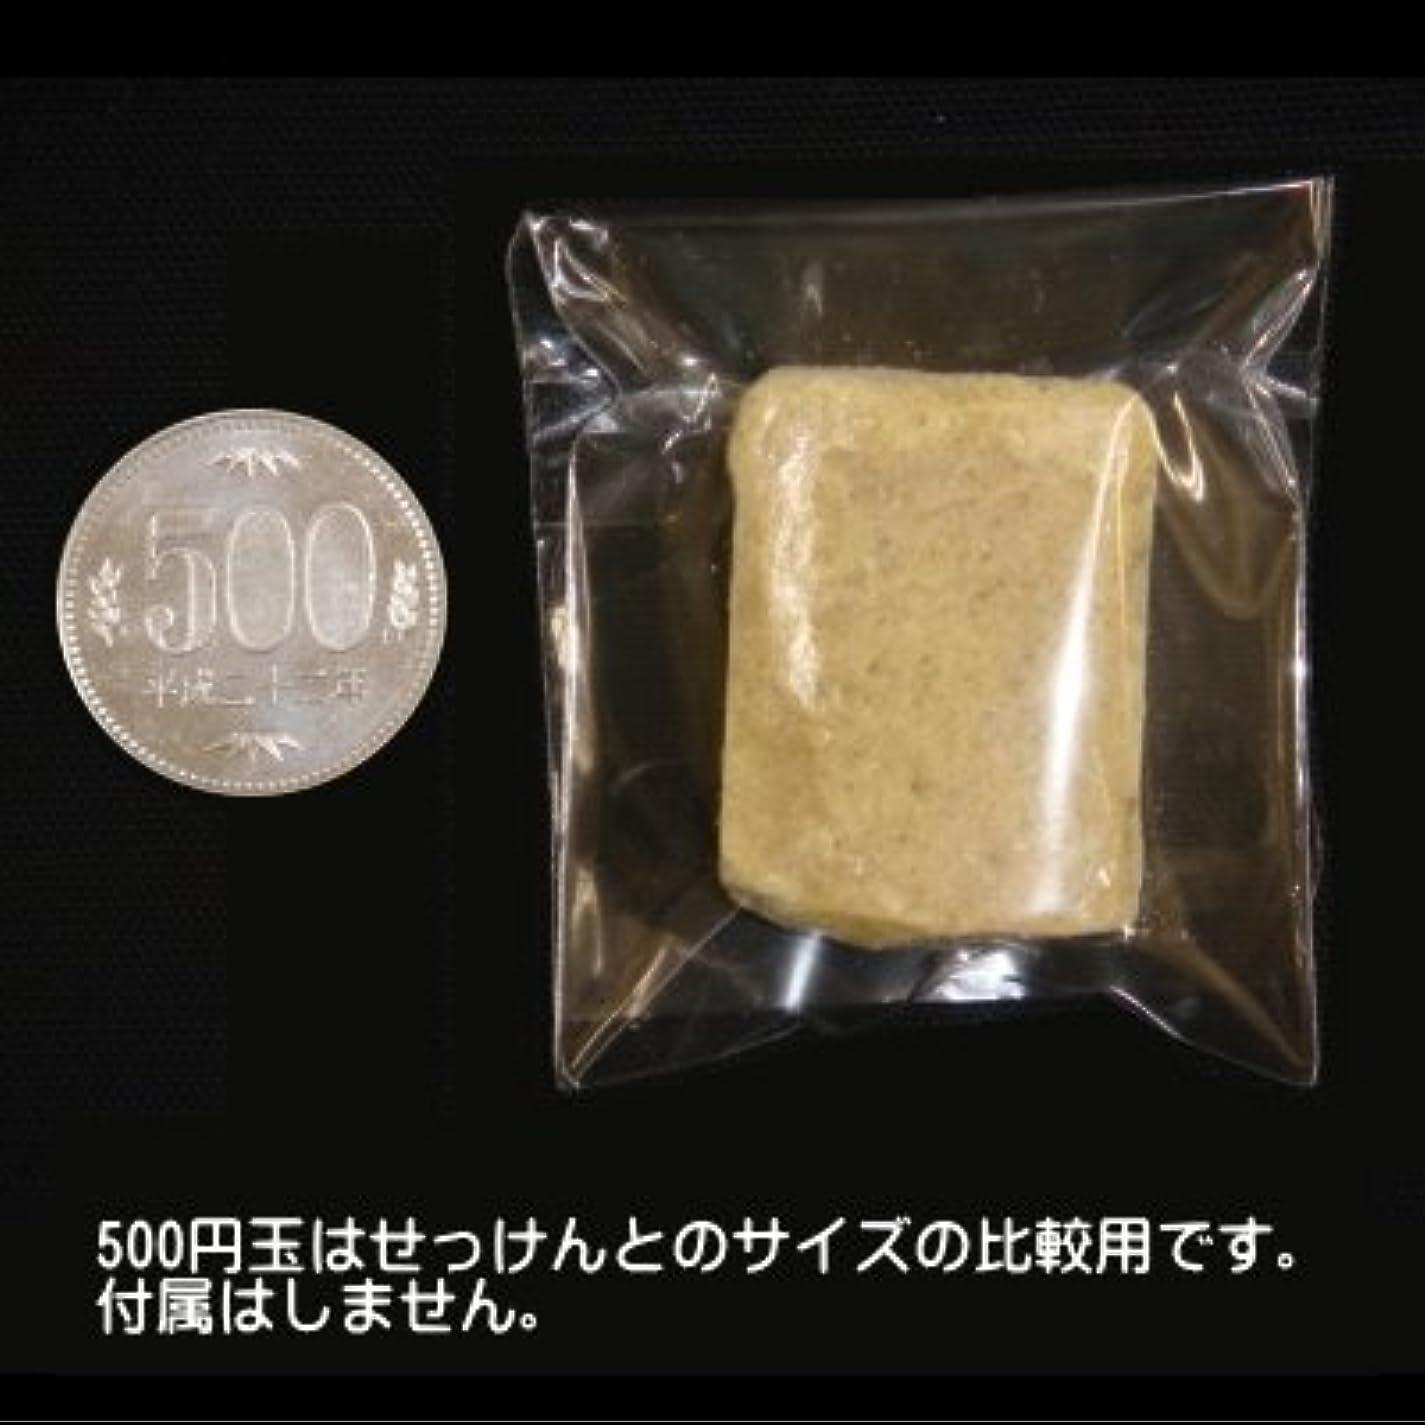 ピカリングストッキング日付付き緑茶ノニ石鹸 てづくり野にせっけんお試し用12g(無添加石鹸)